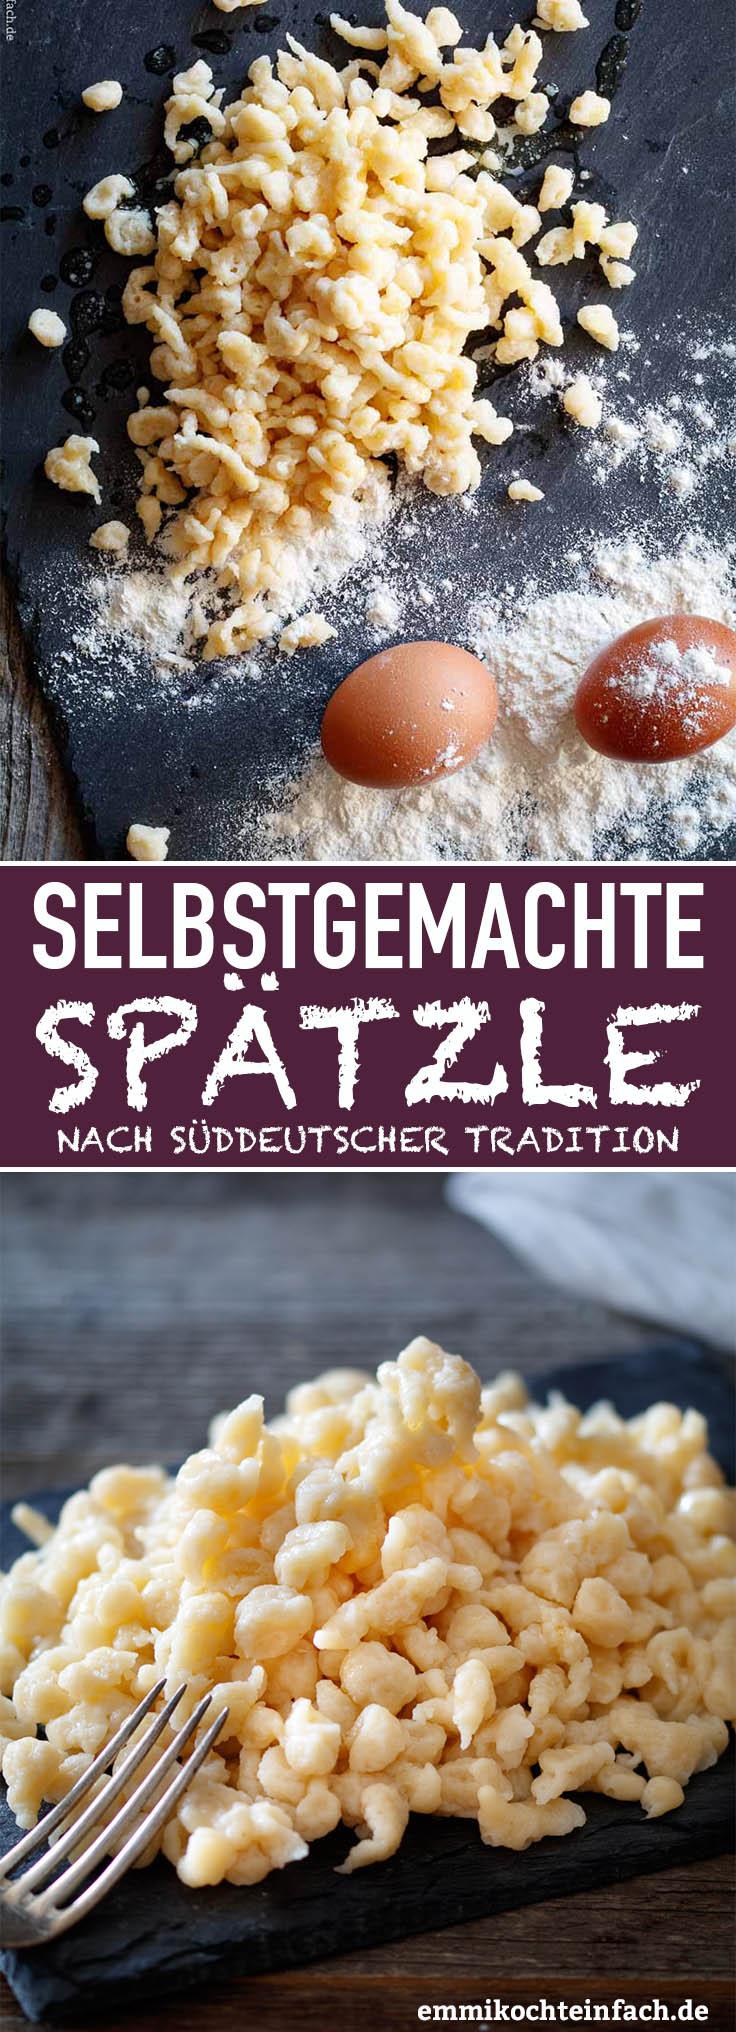 Omis selbstgemachte Spätzle - www.emmikochteinfach.de